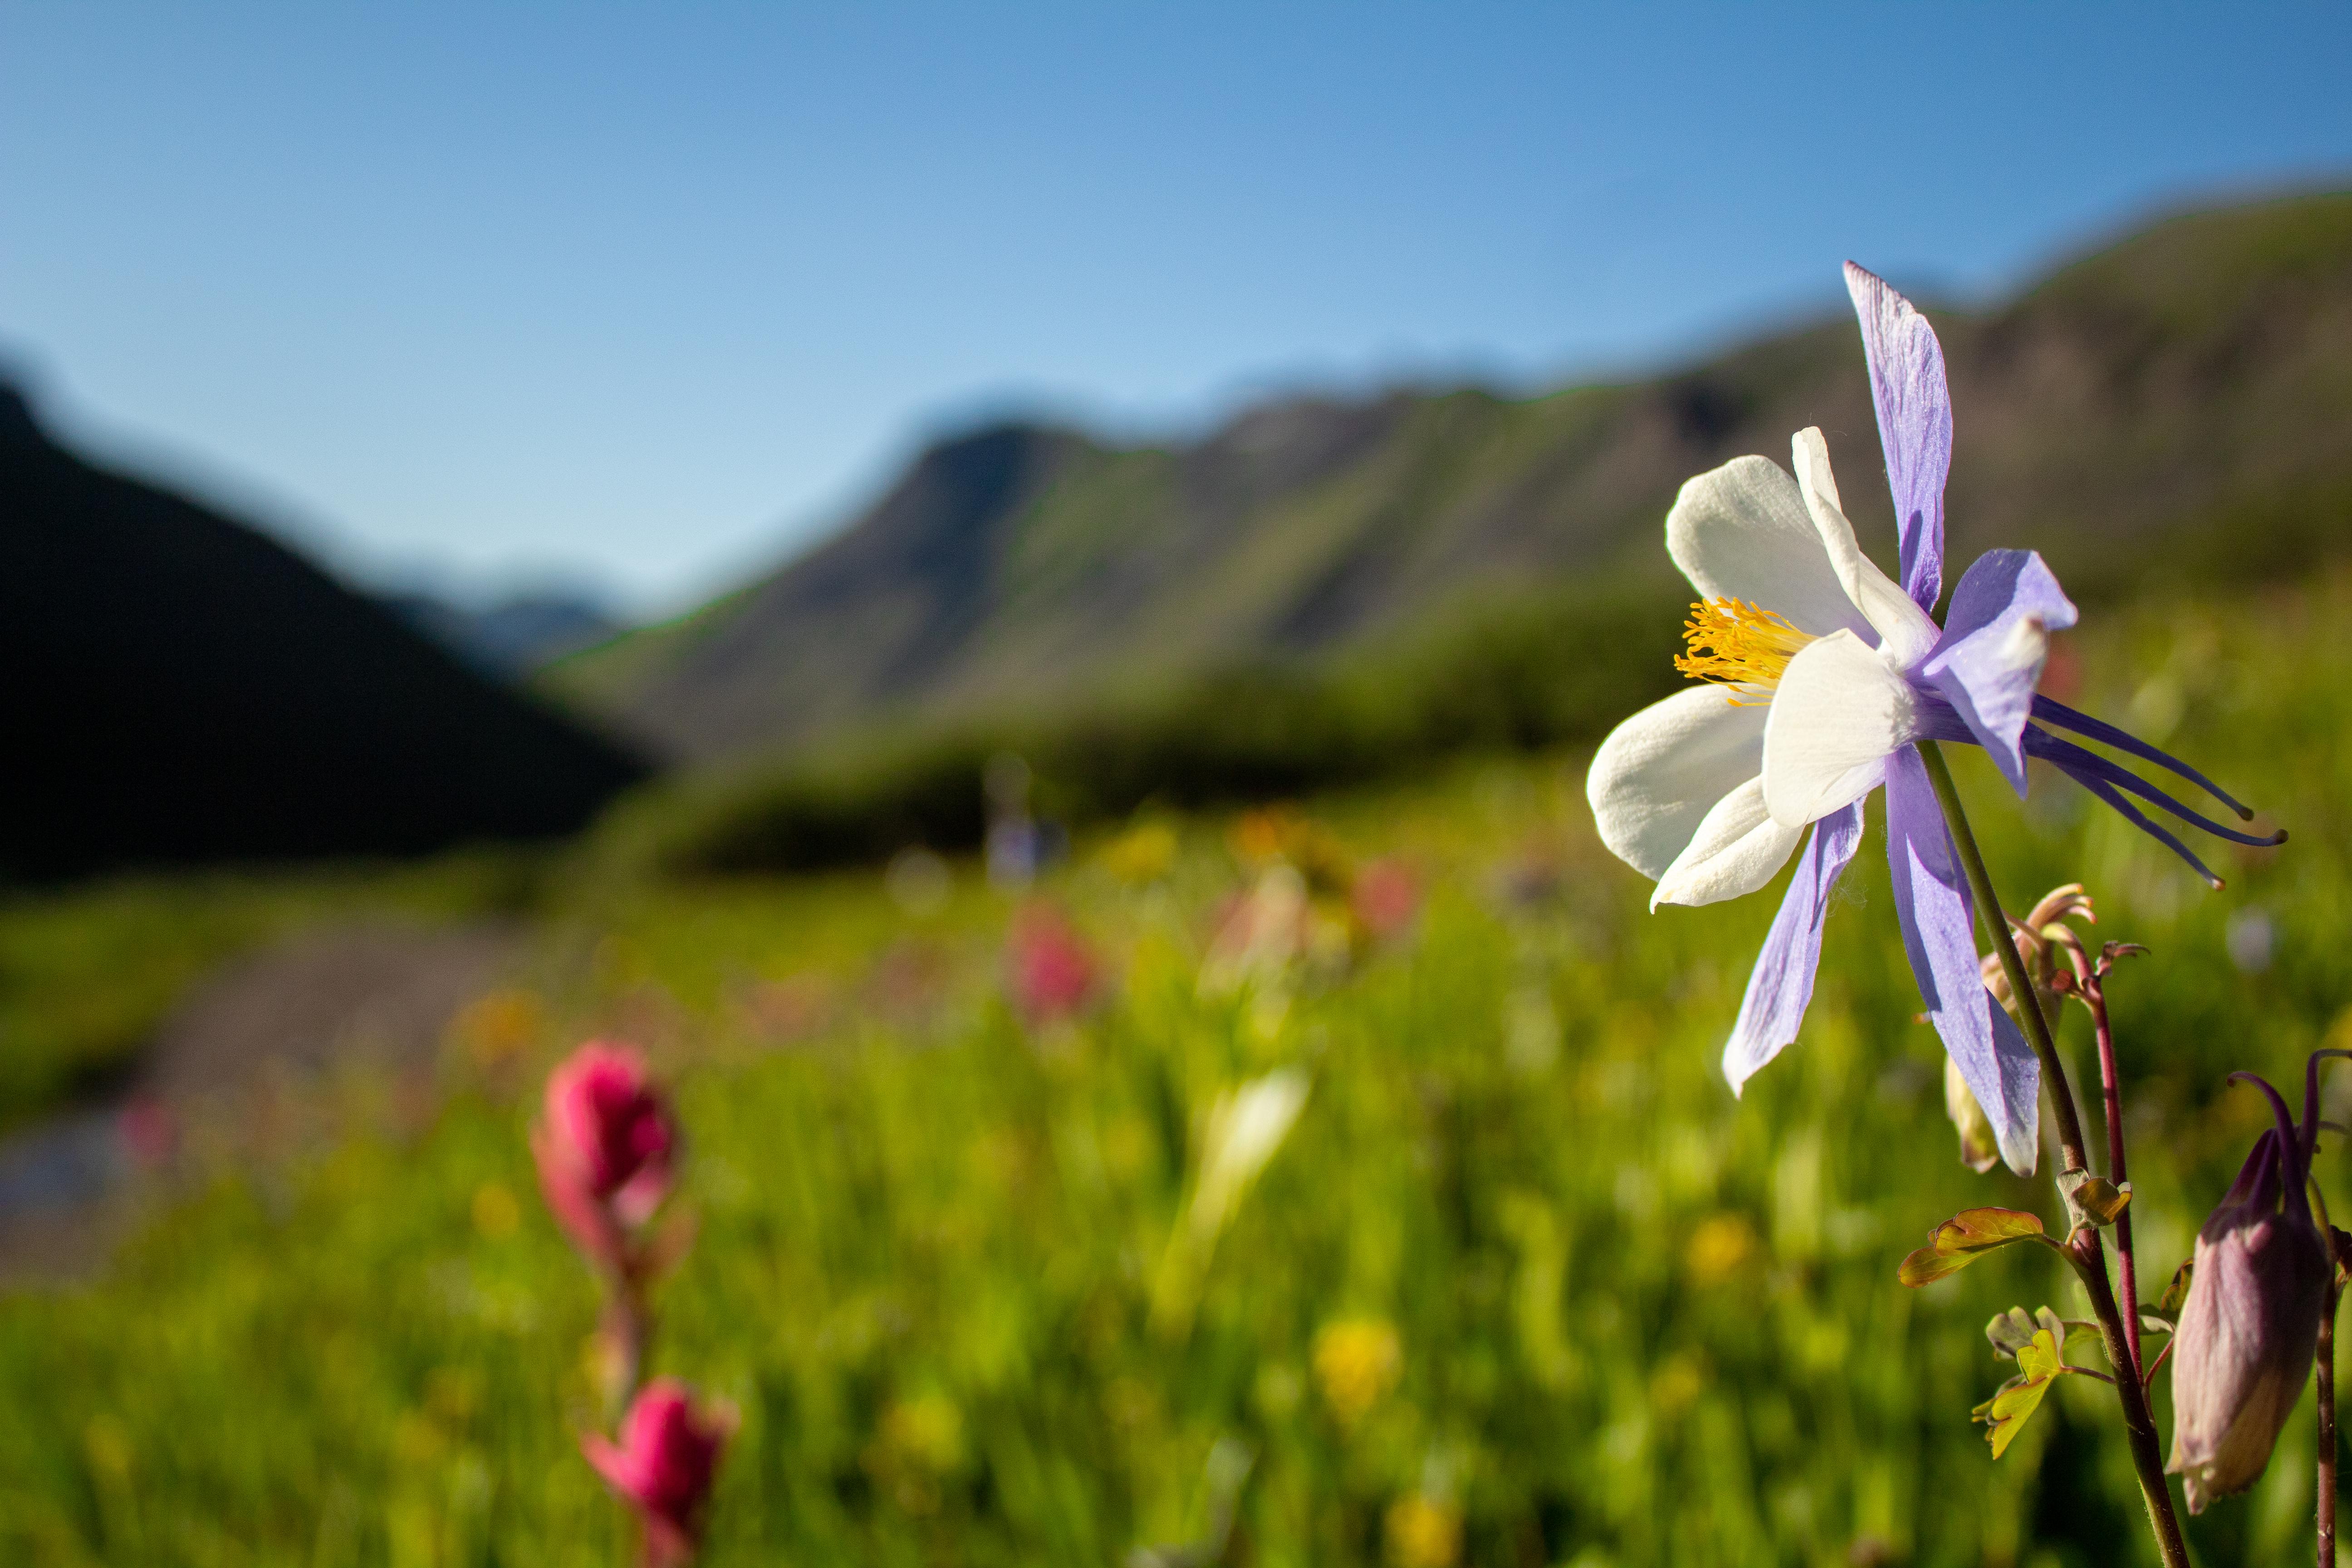 columbine wildflower meadow landscape